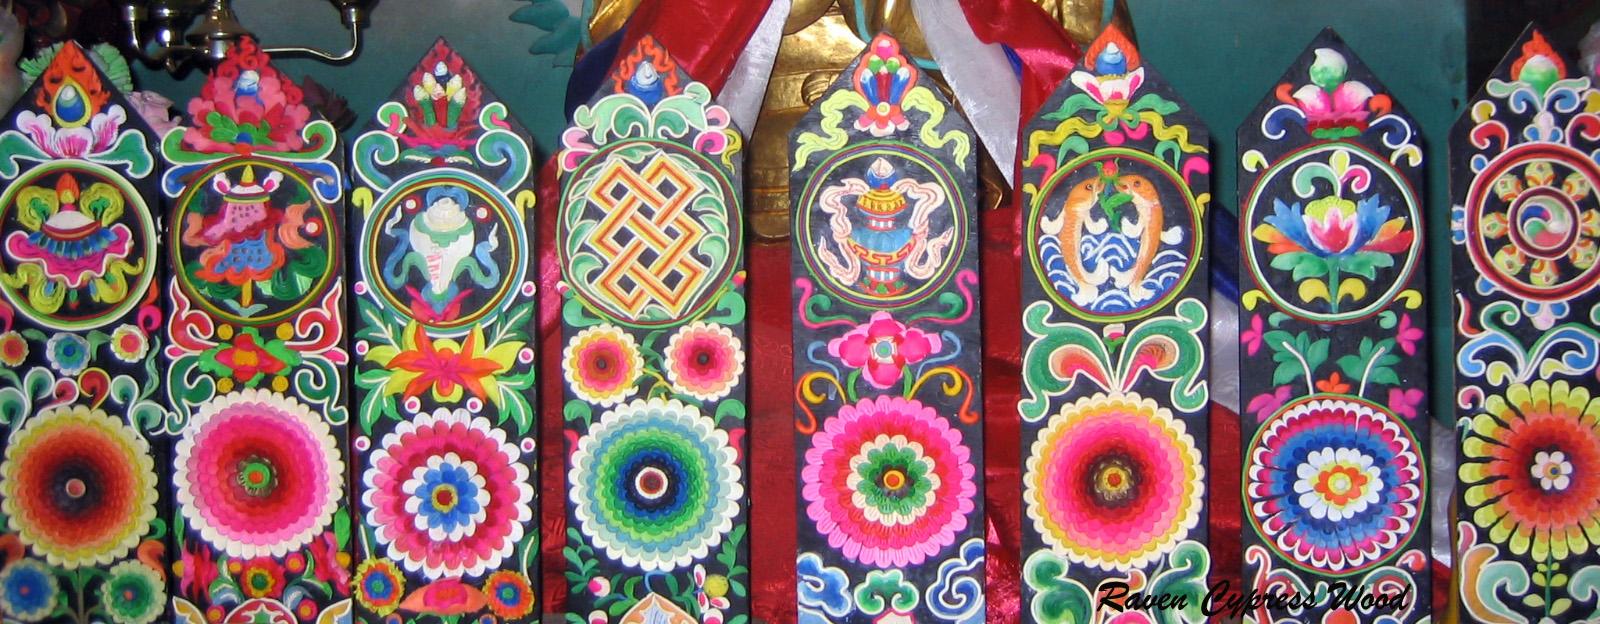 Yungdrung bon sacred symbols nine ways 8 ausp symbols together on shrine buycottarizona Gallery